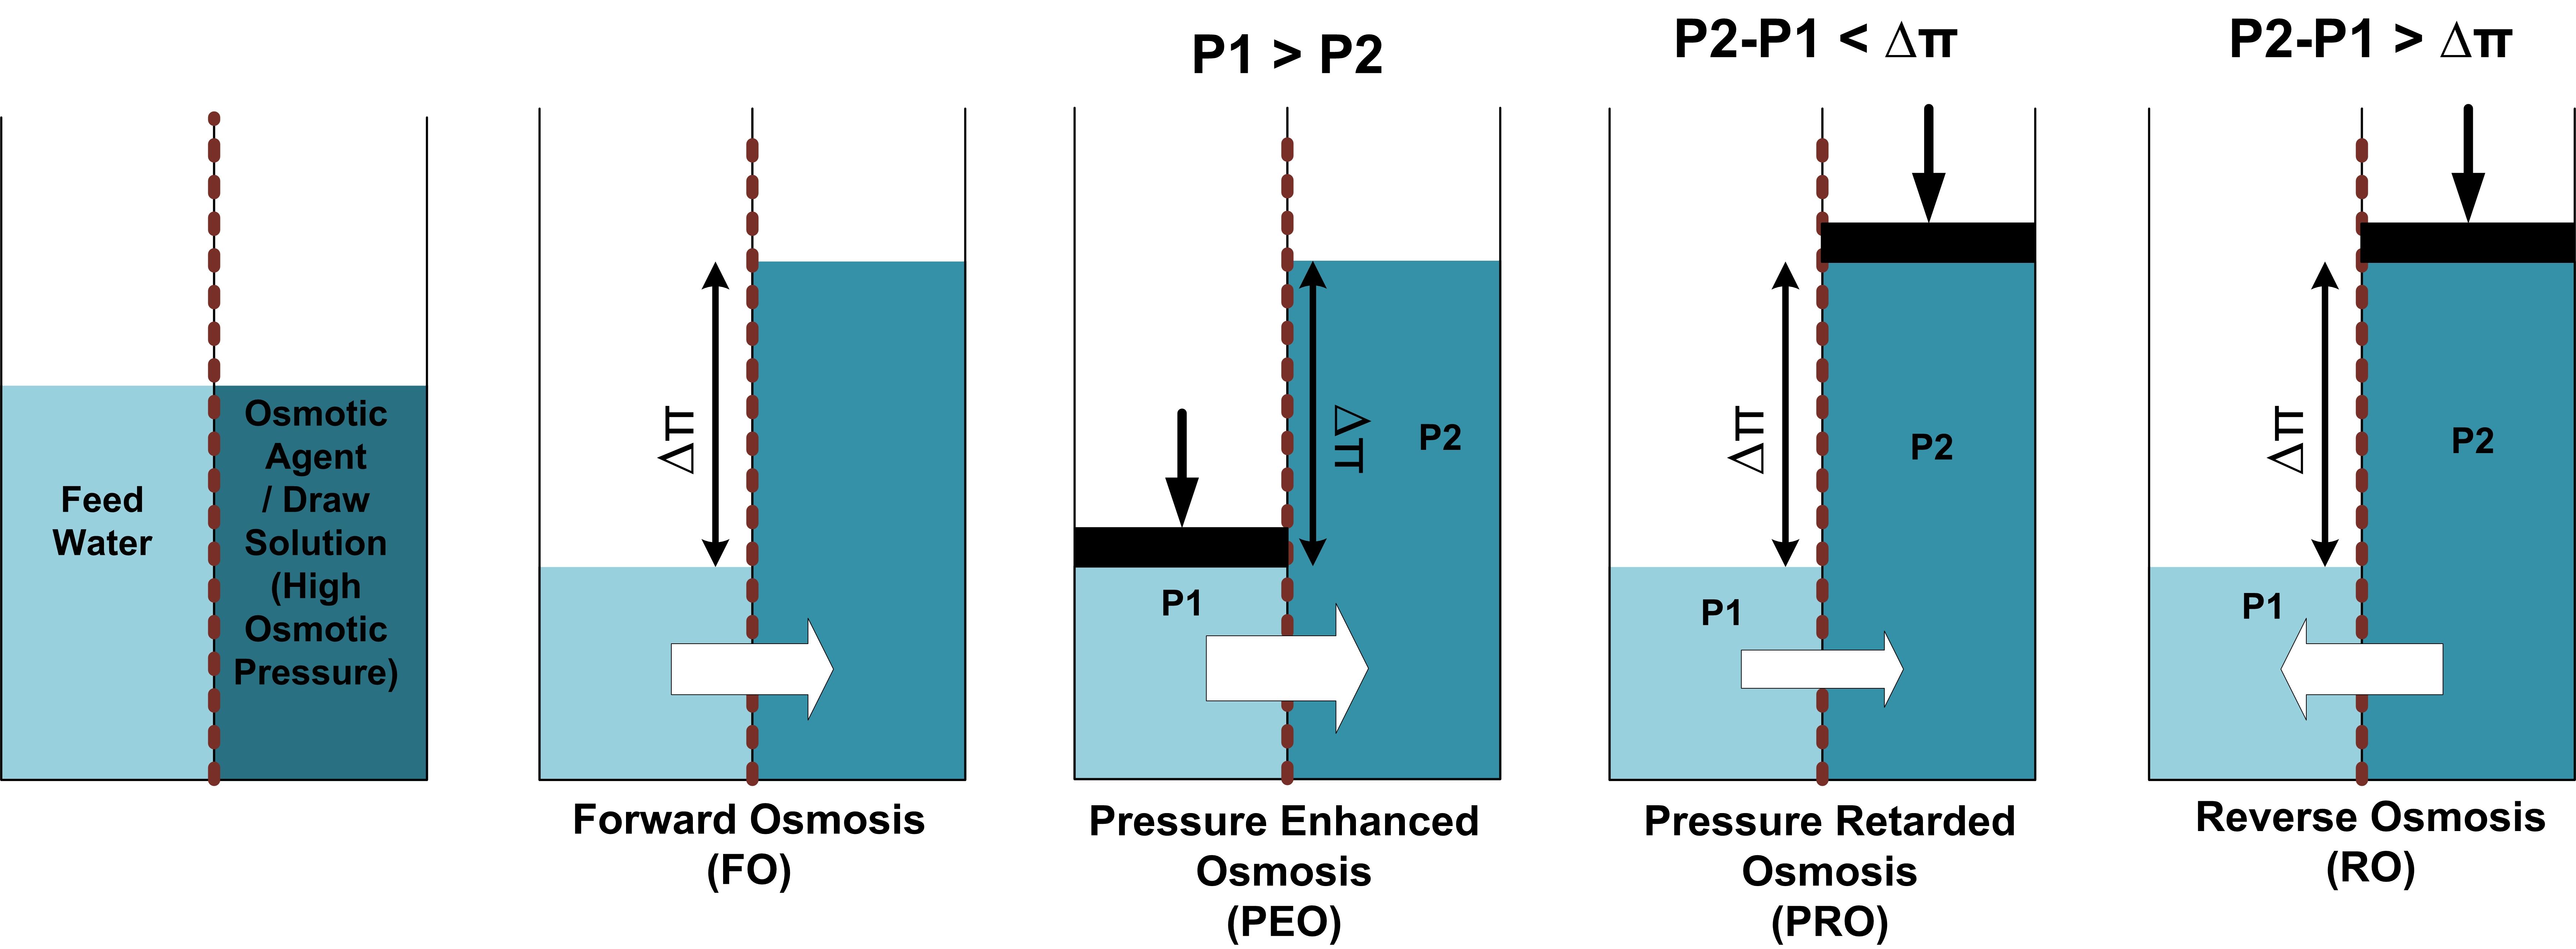 Osmotic Pressure Diagr...